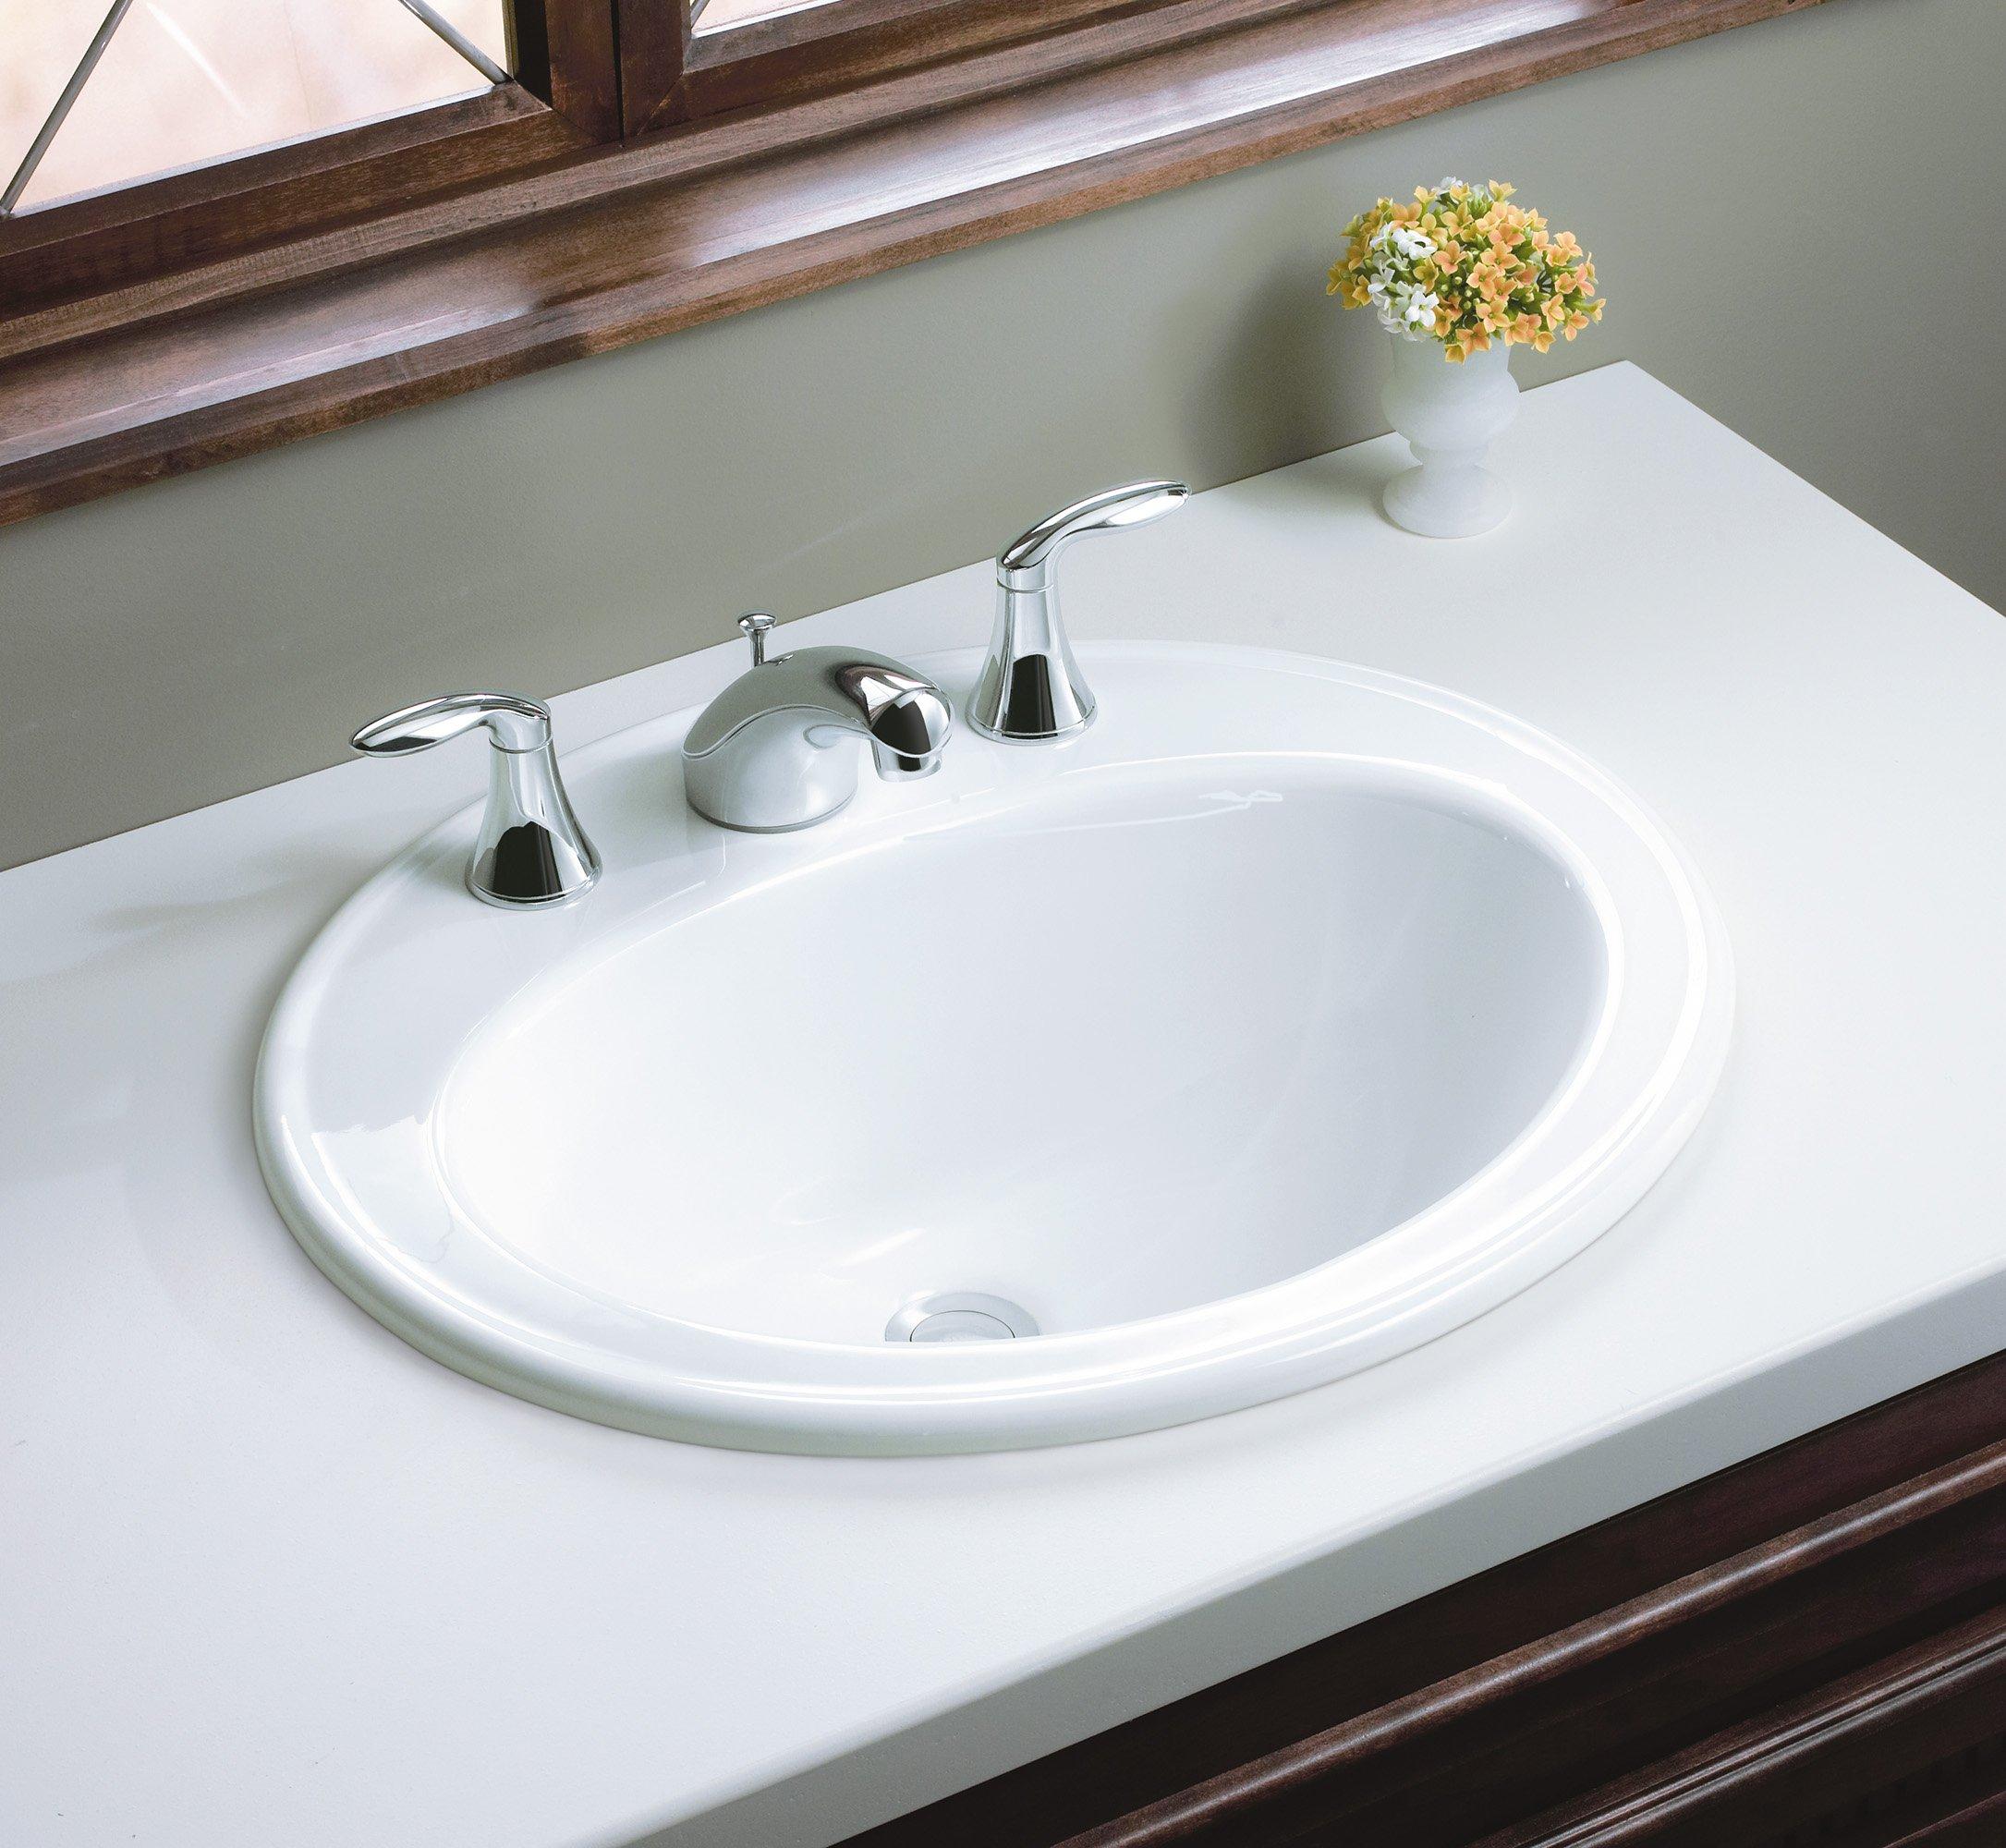 KOHLER K-2196-8-0 Pennington Self-Rimming Bathroom Sink, White by Kohler (Image #3)